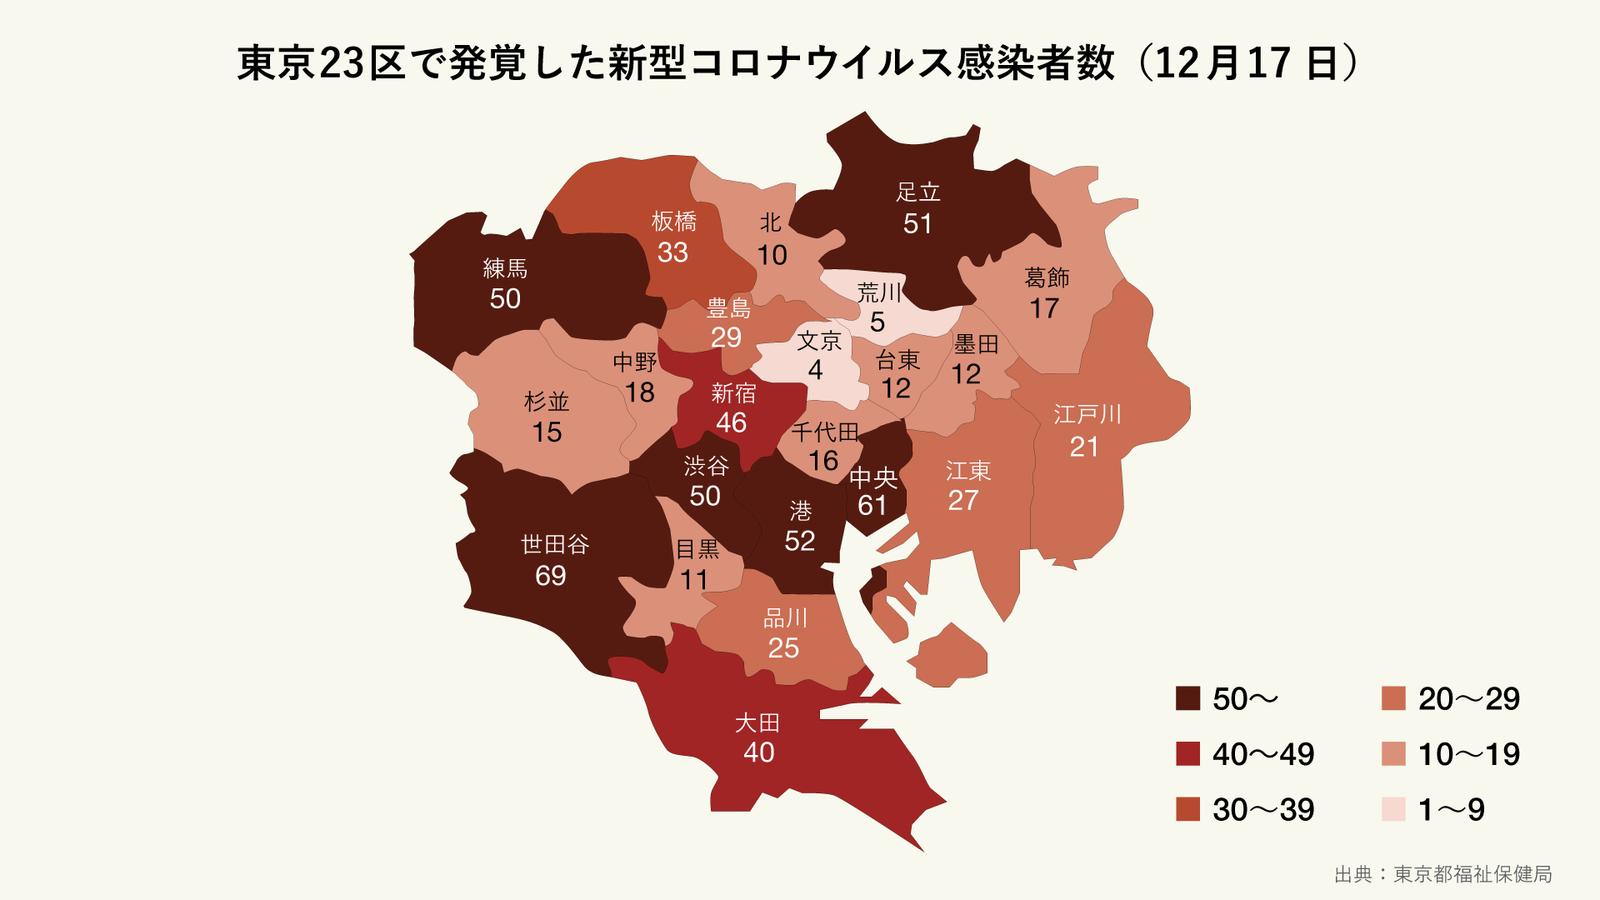 12月17日に発覚した東京23区の区ごとの新型コロナウイルス感染者数(マップ)